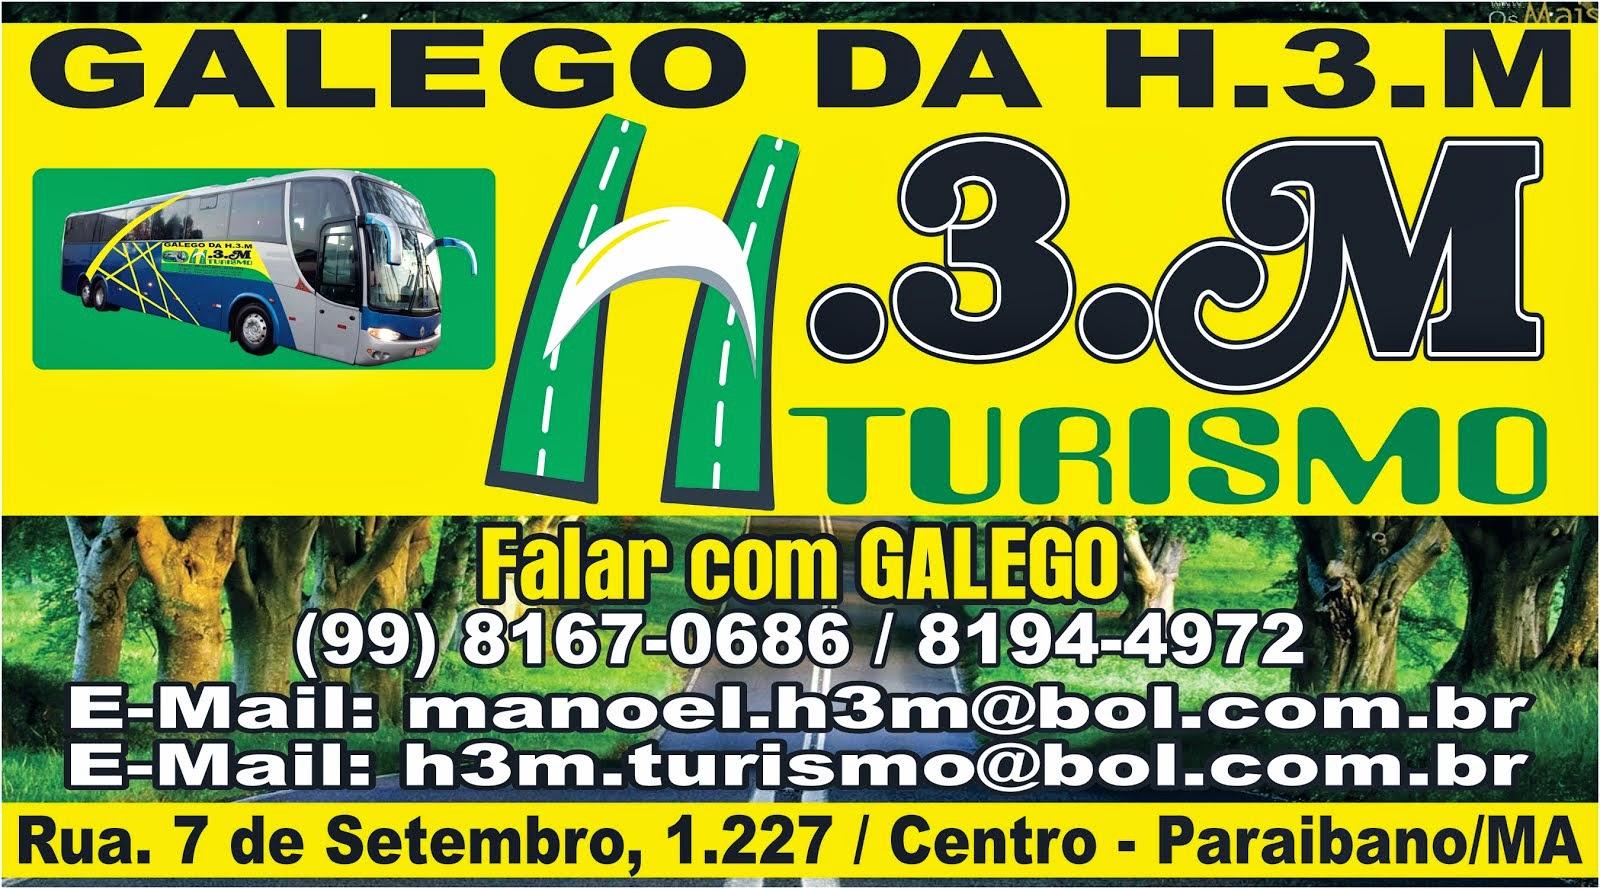 Paraibano x São Paulo x Paraibano, H3M Turismo na estrada com você.